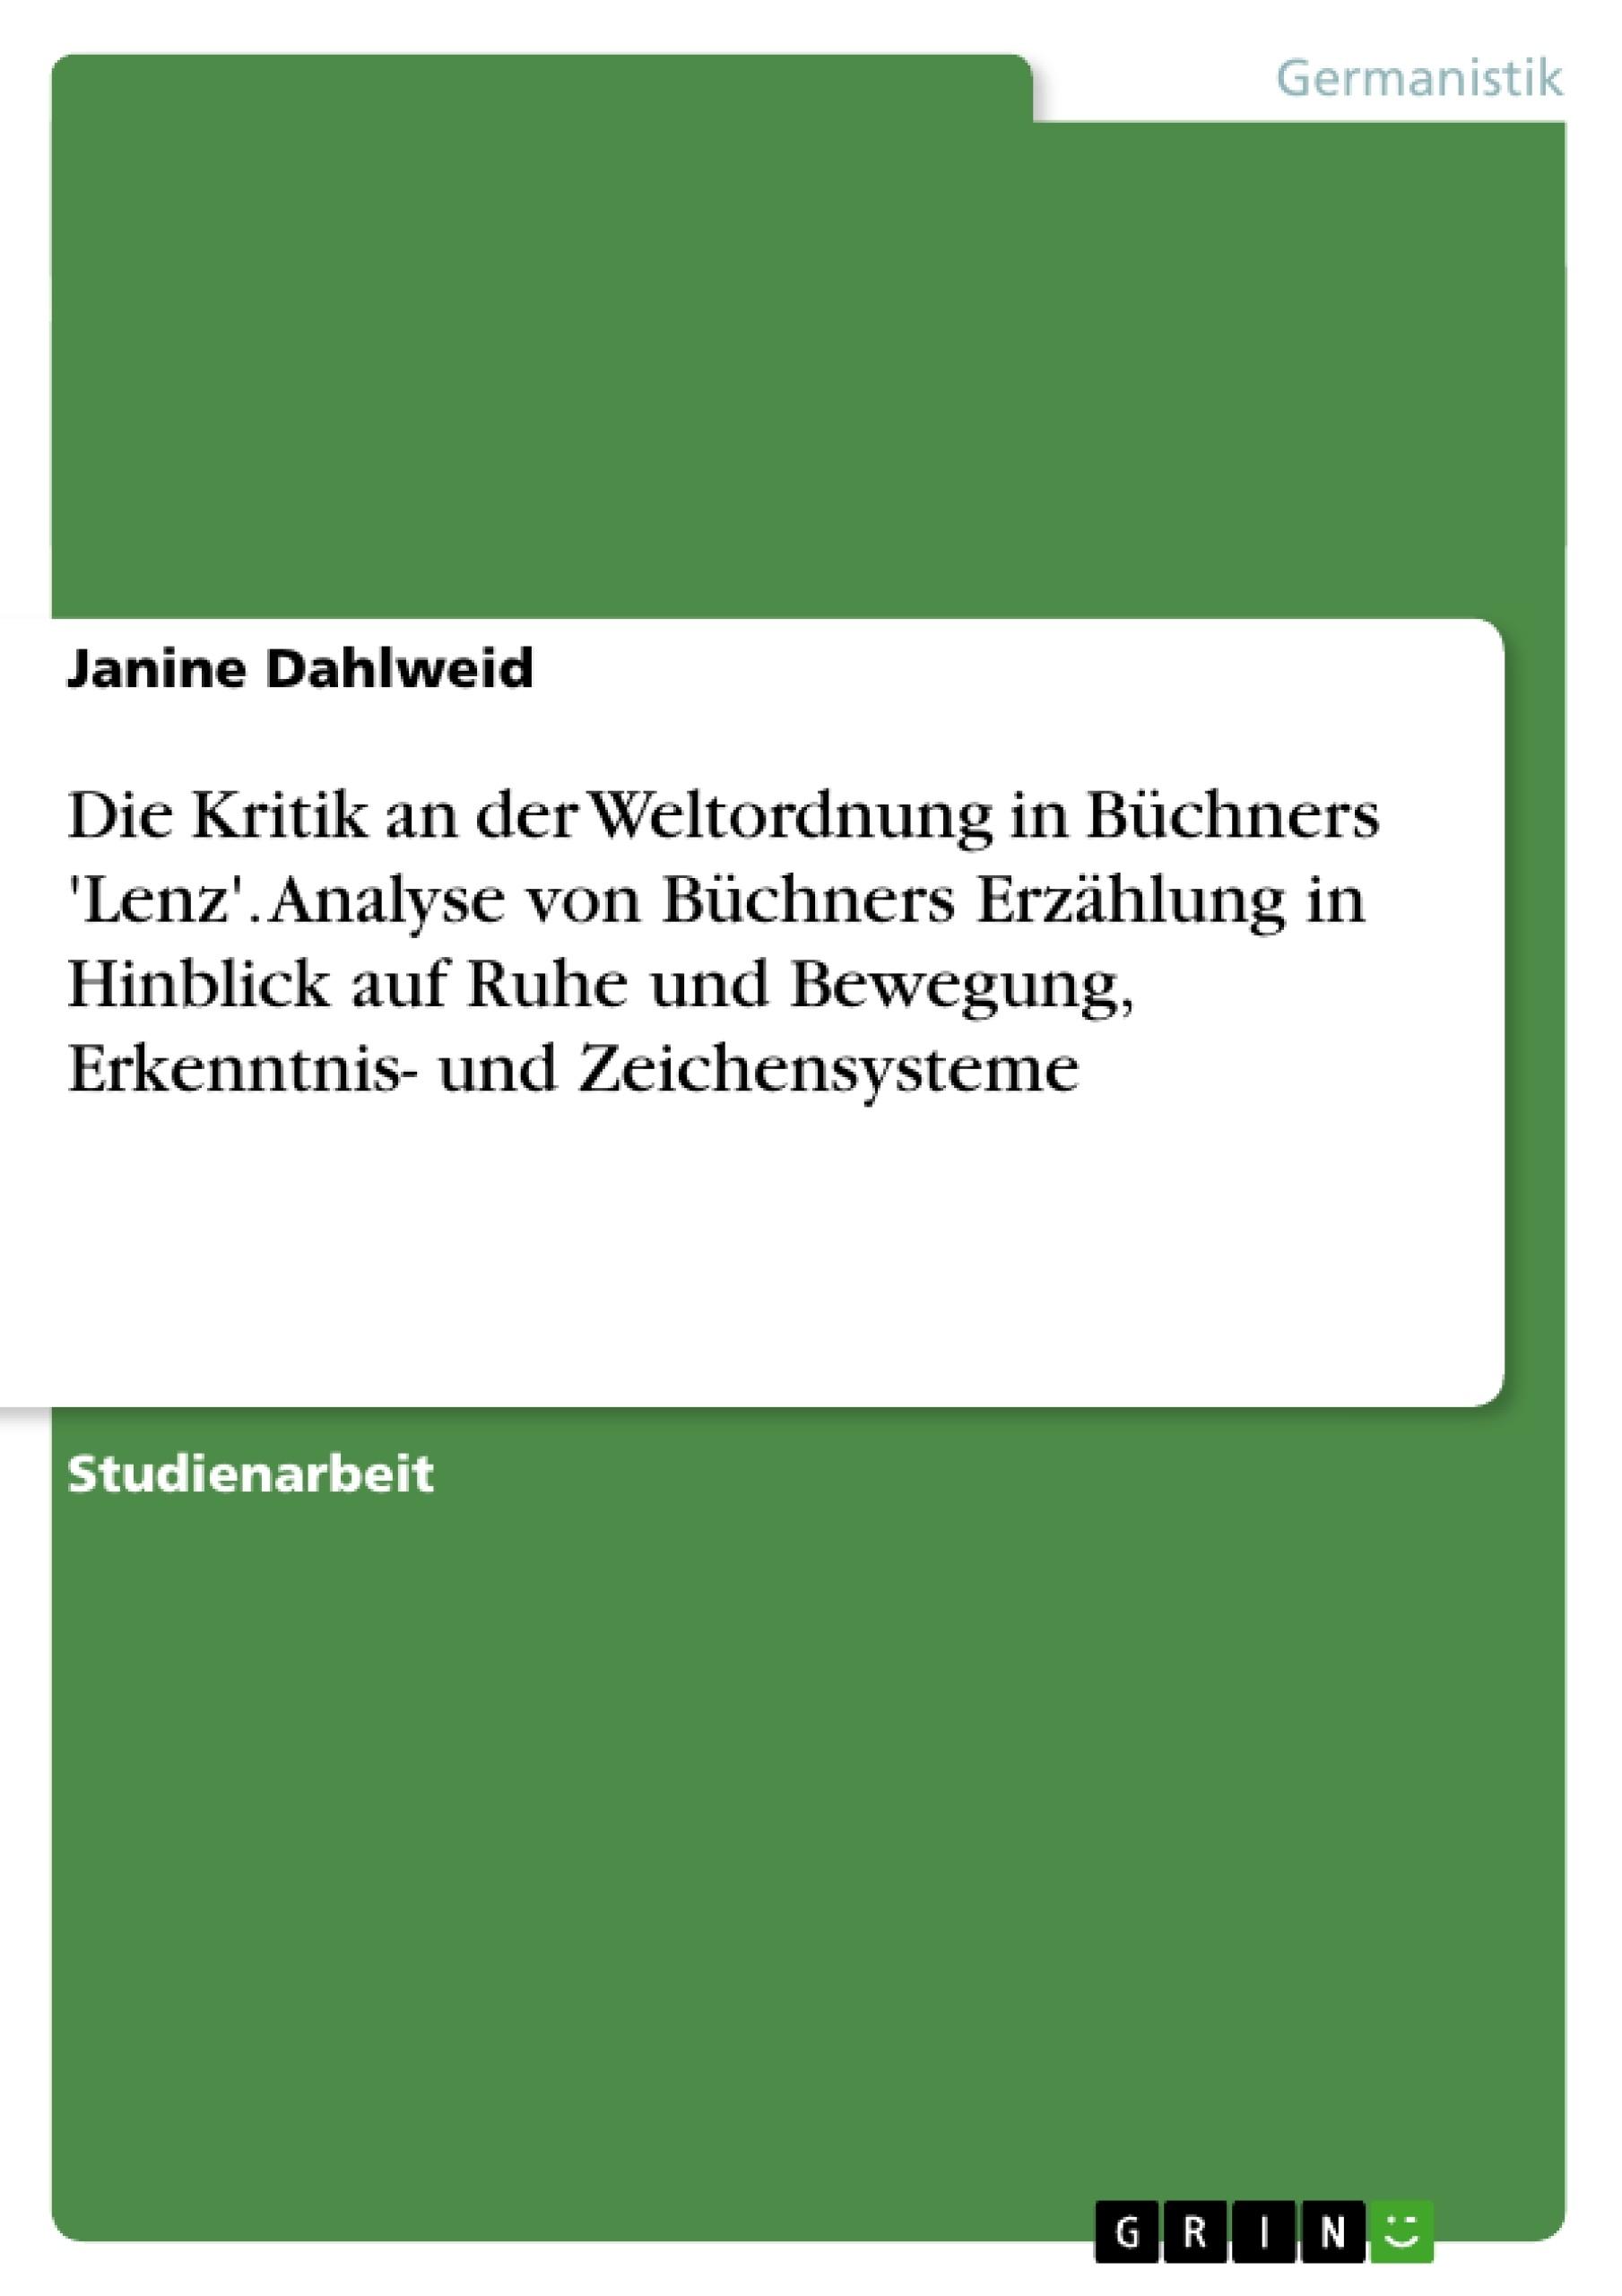 Titel: Die Kritik an der Weltordnung in Büchners 'Lenz'. Analyse von Büchners Erzählung in Hinblick auf Ruhe und Bewegung, Erkenntnis- und Zeichensysteme